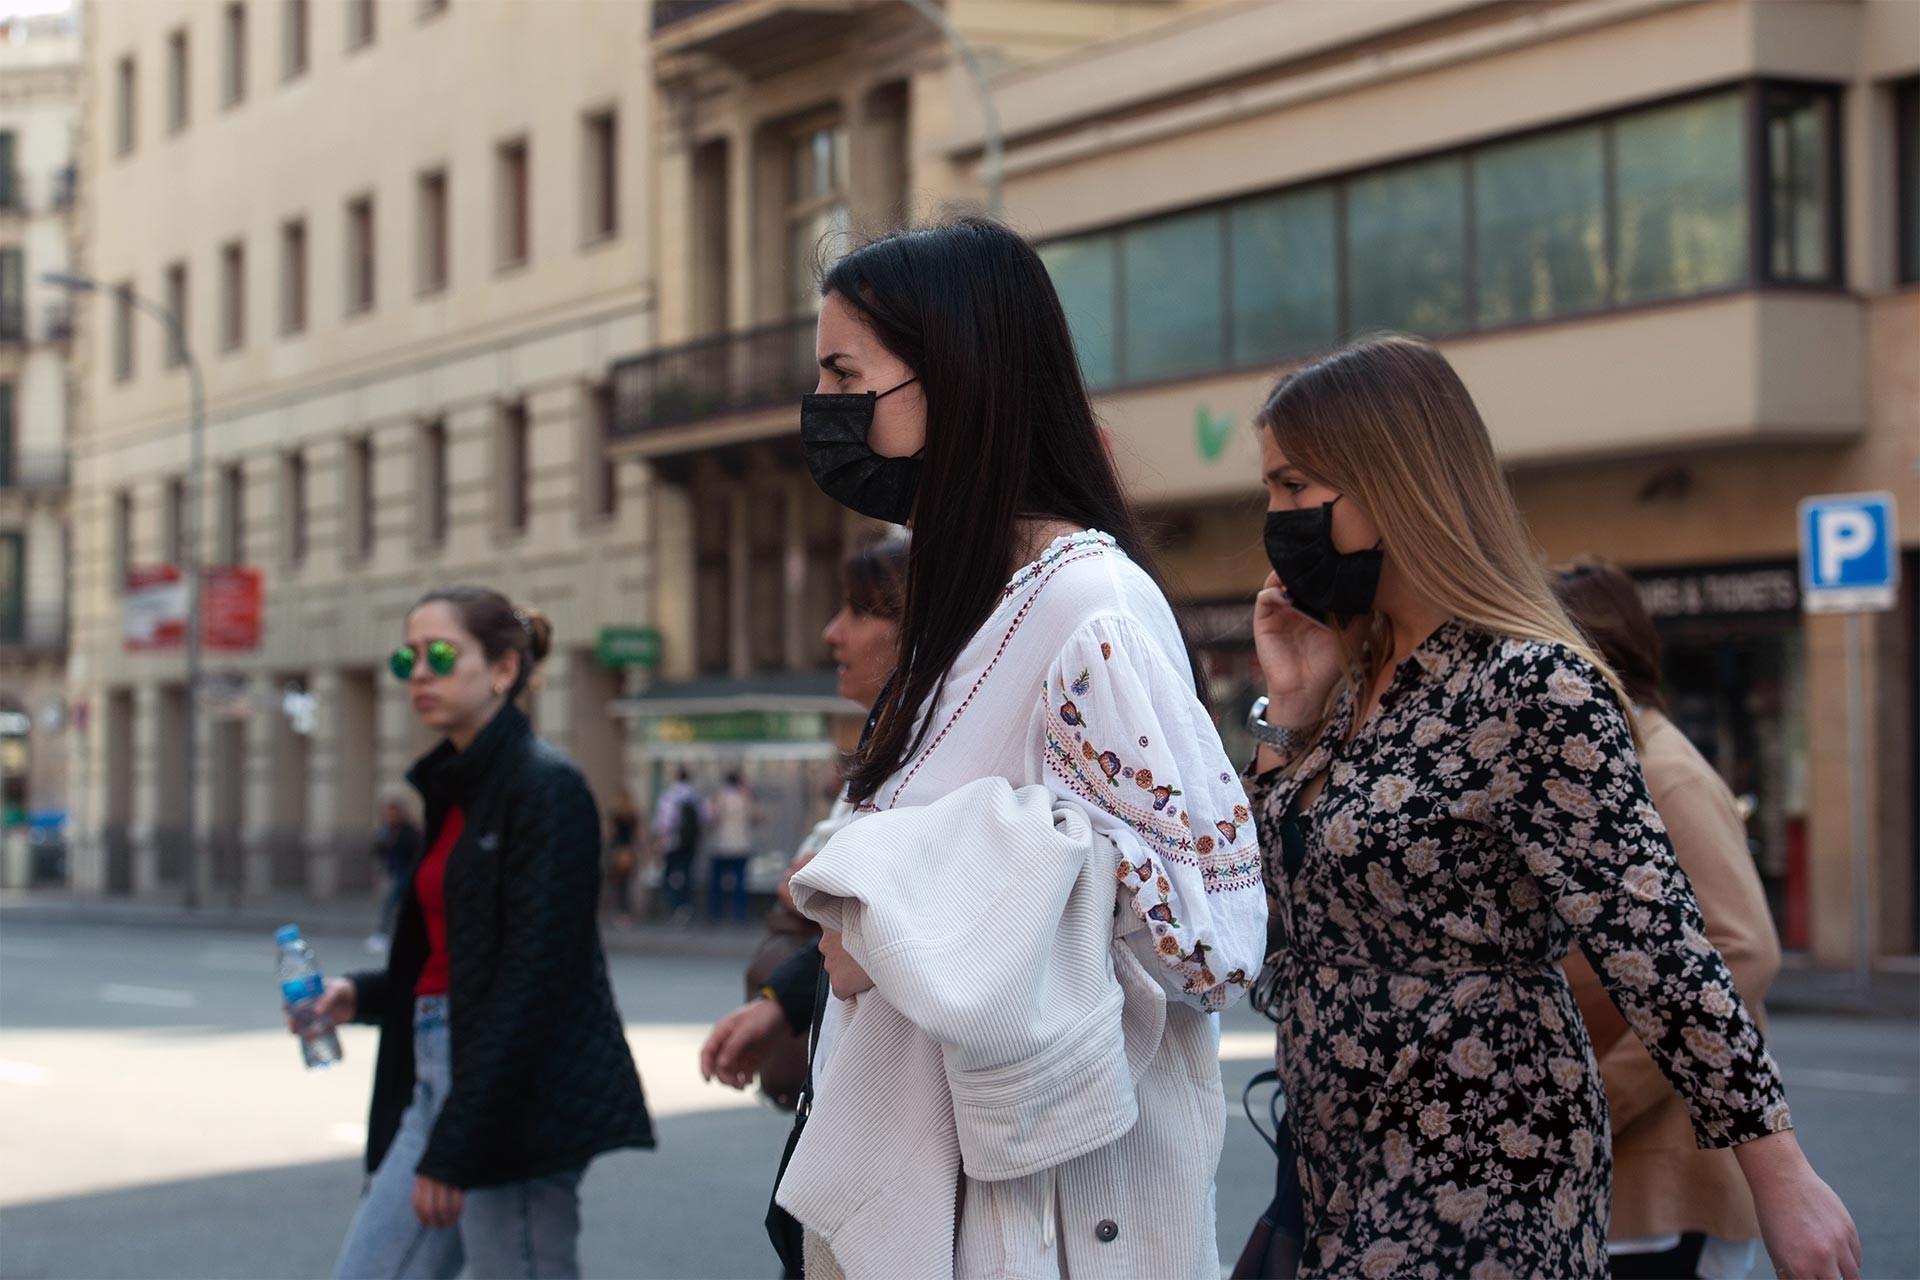 İspanya'da koronavirüsten korunmak için maske takarak gezen kadınlar